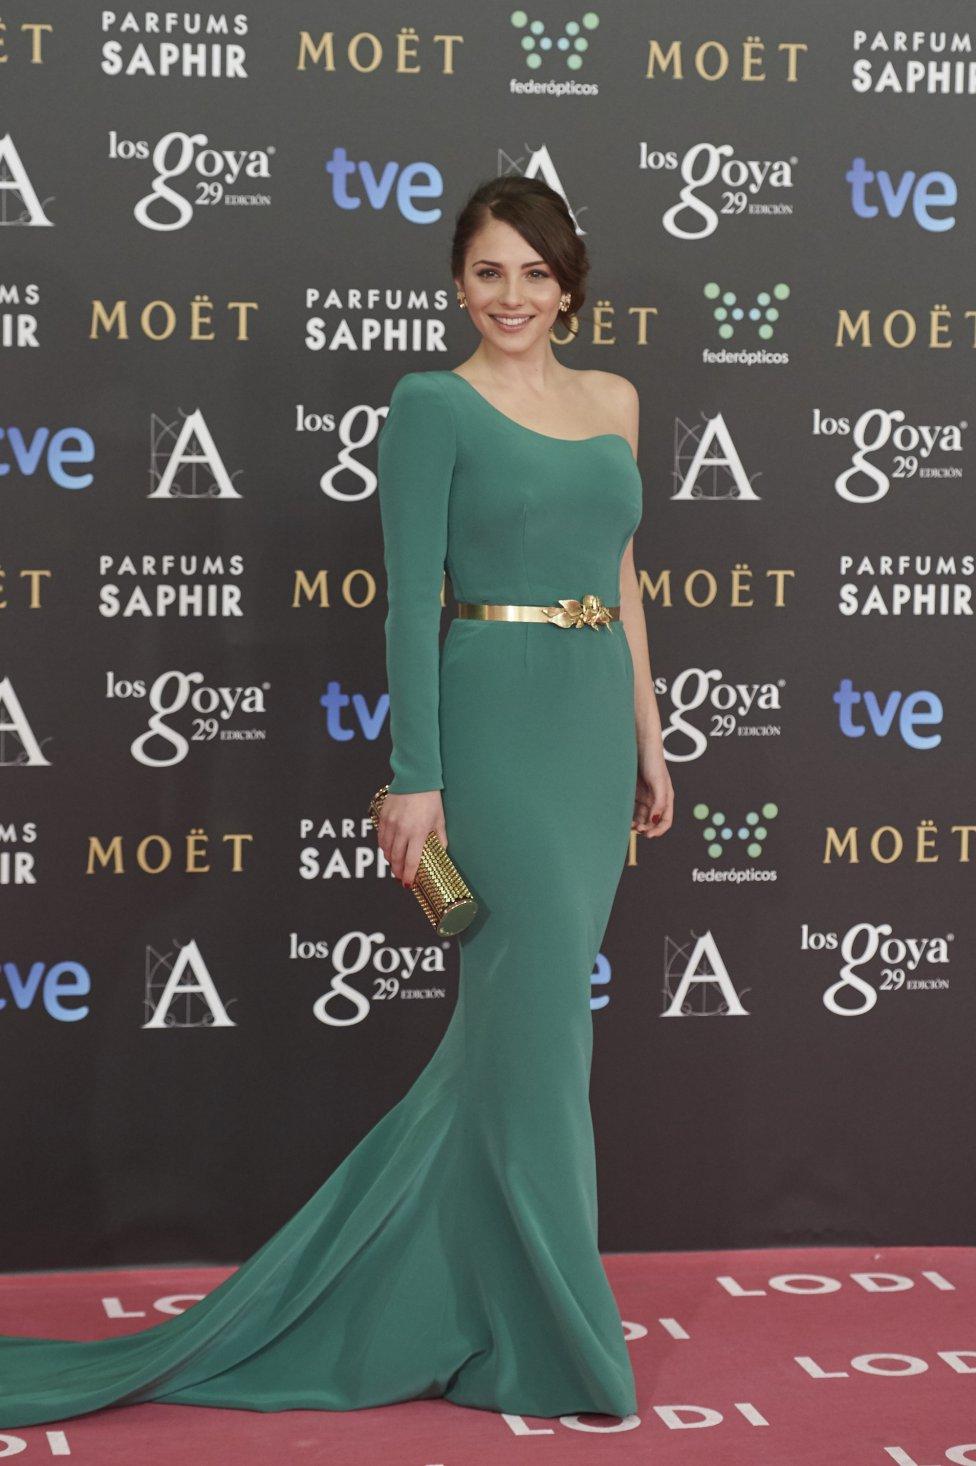 a7b678458 PREMIOS GOYA  Las mejor vestidas de la historia de los Premios Goya - AS.com